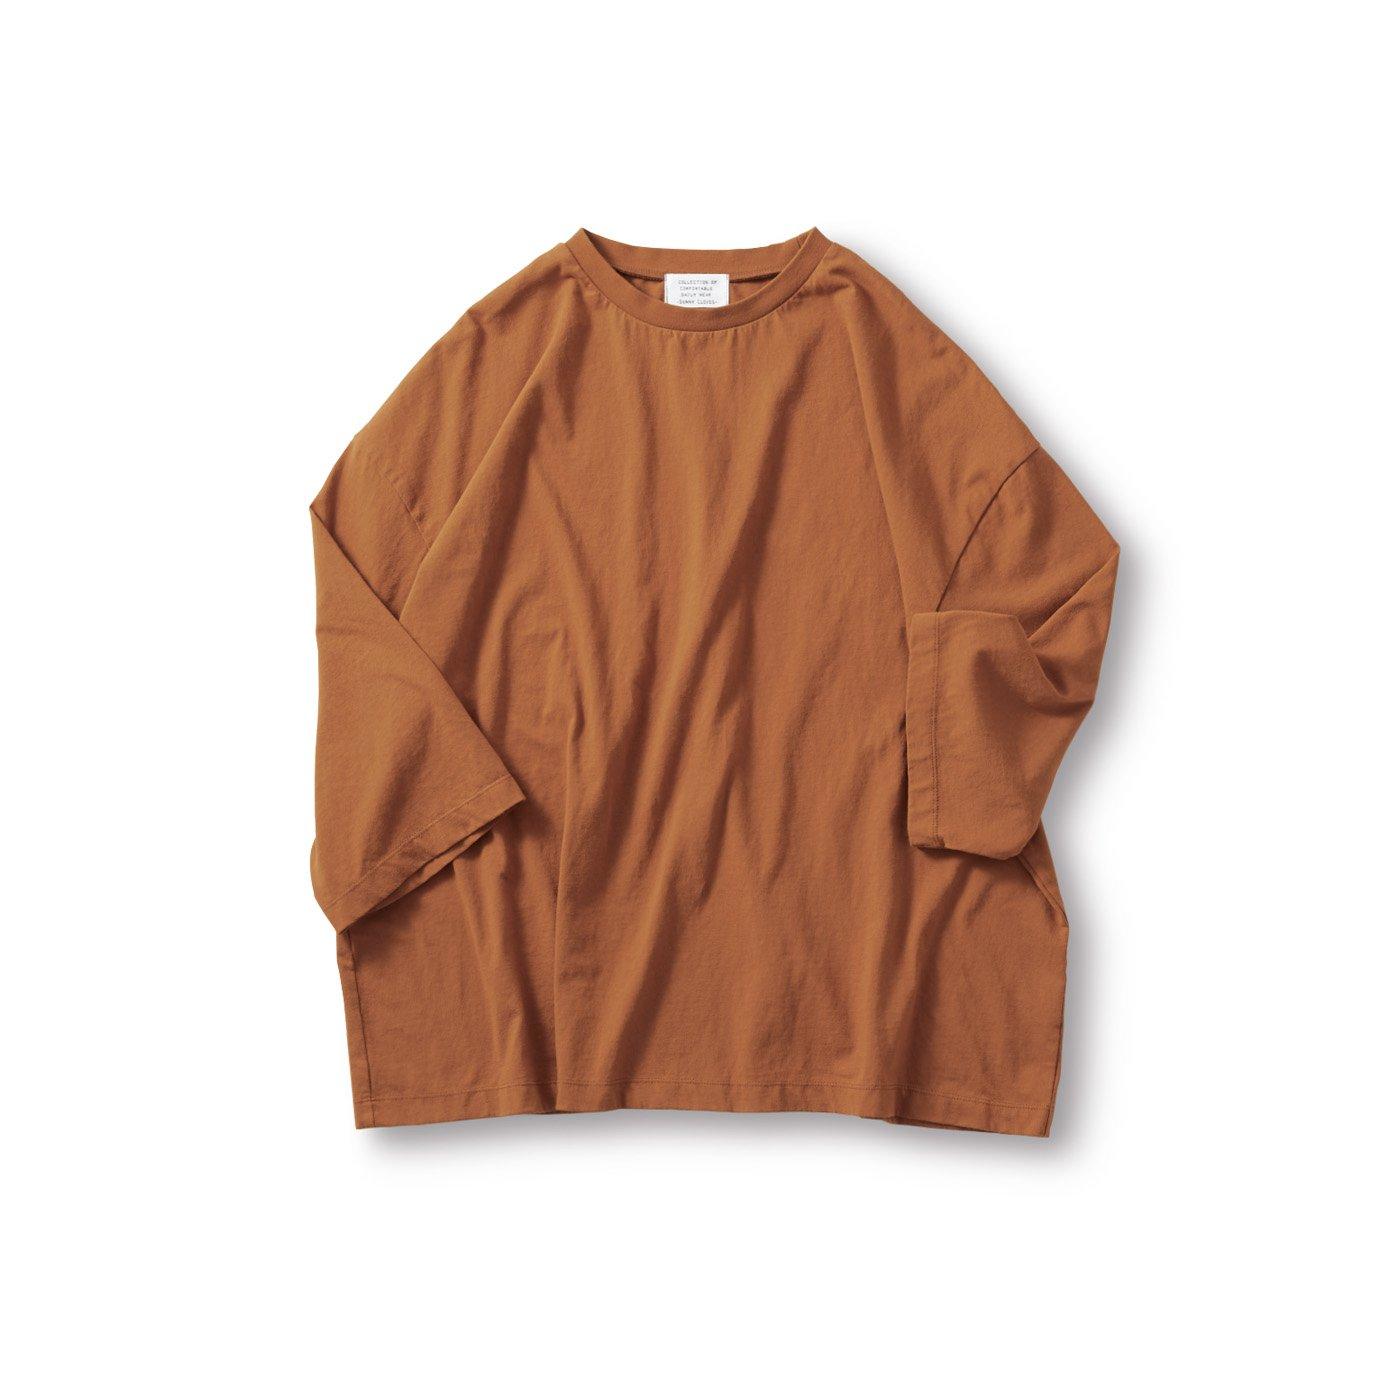 サニークラウズ 半端袖Tシャツ〈メンズ〉レンガ